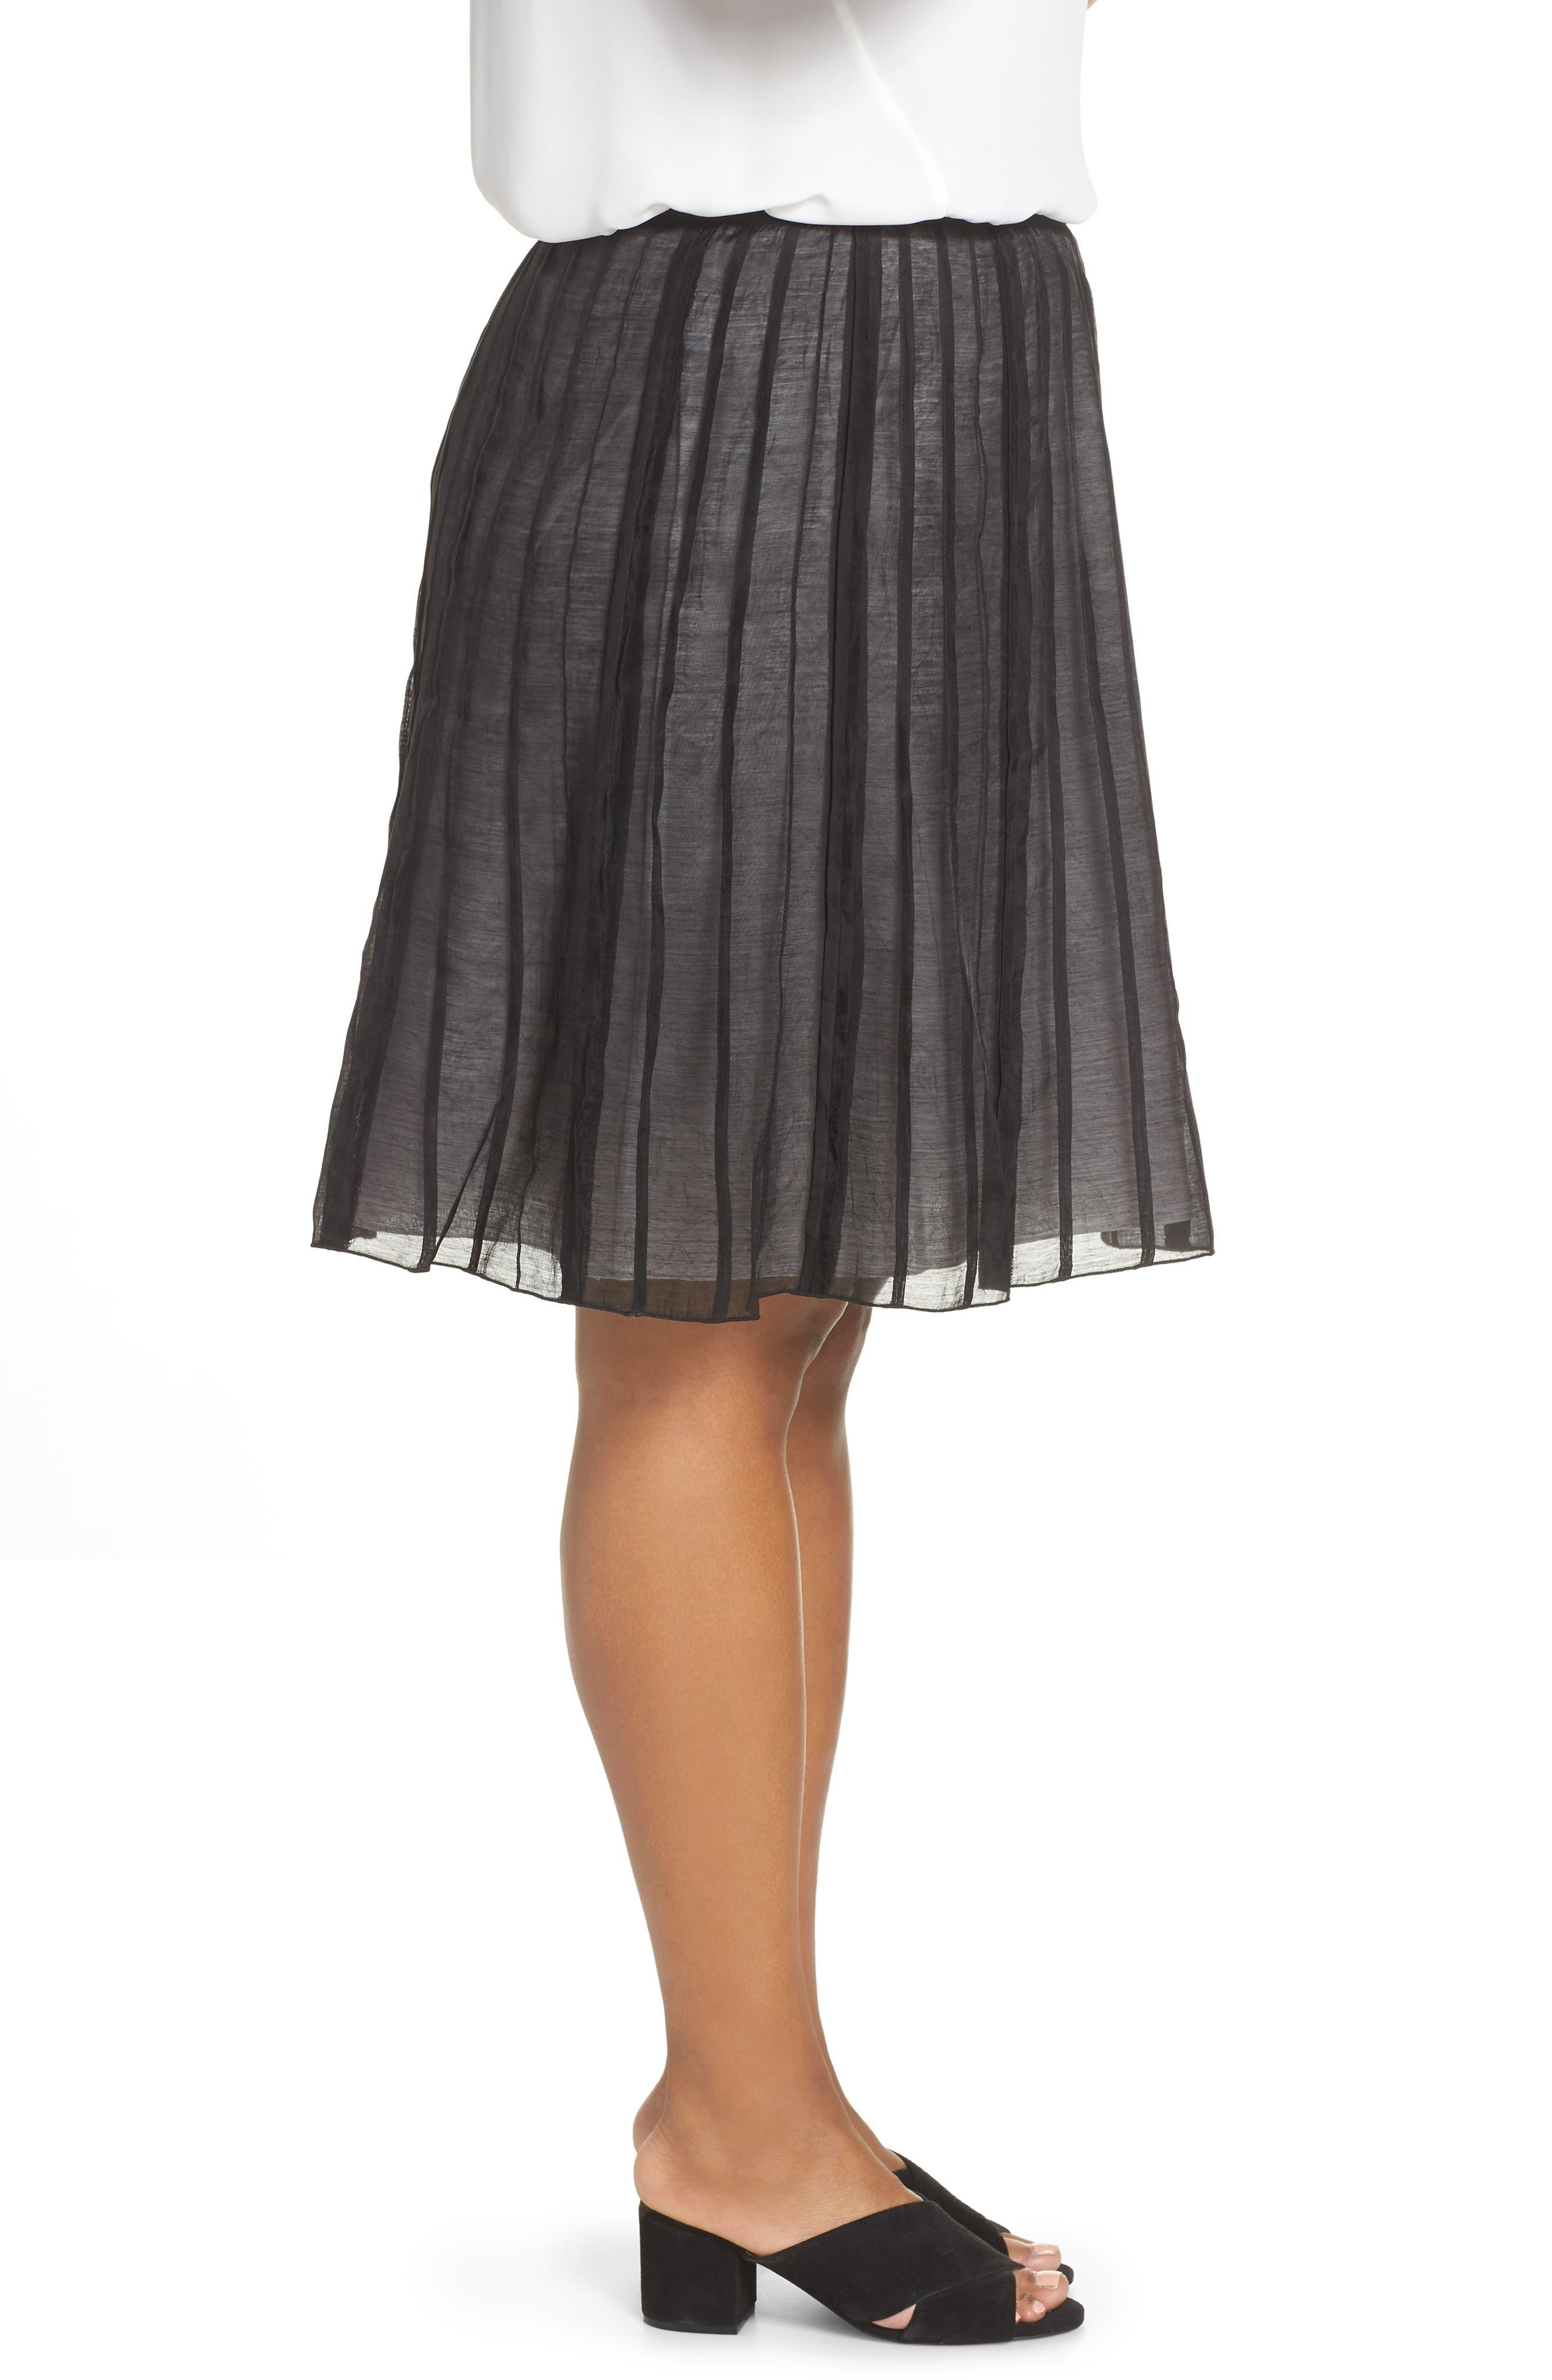 Batiste Flirt Skirt,                             Alternate thumbnail 3, color,                             BLACK ONYX